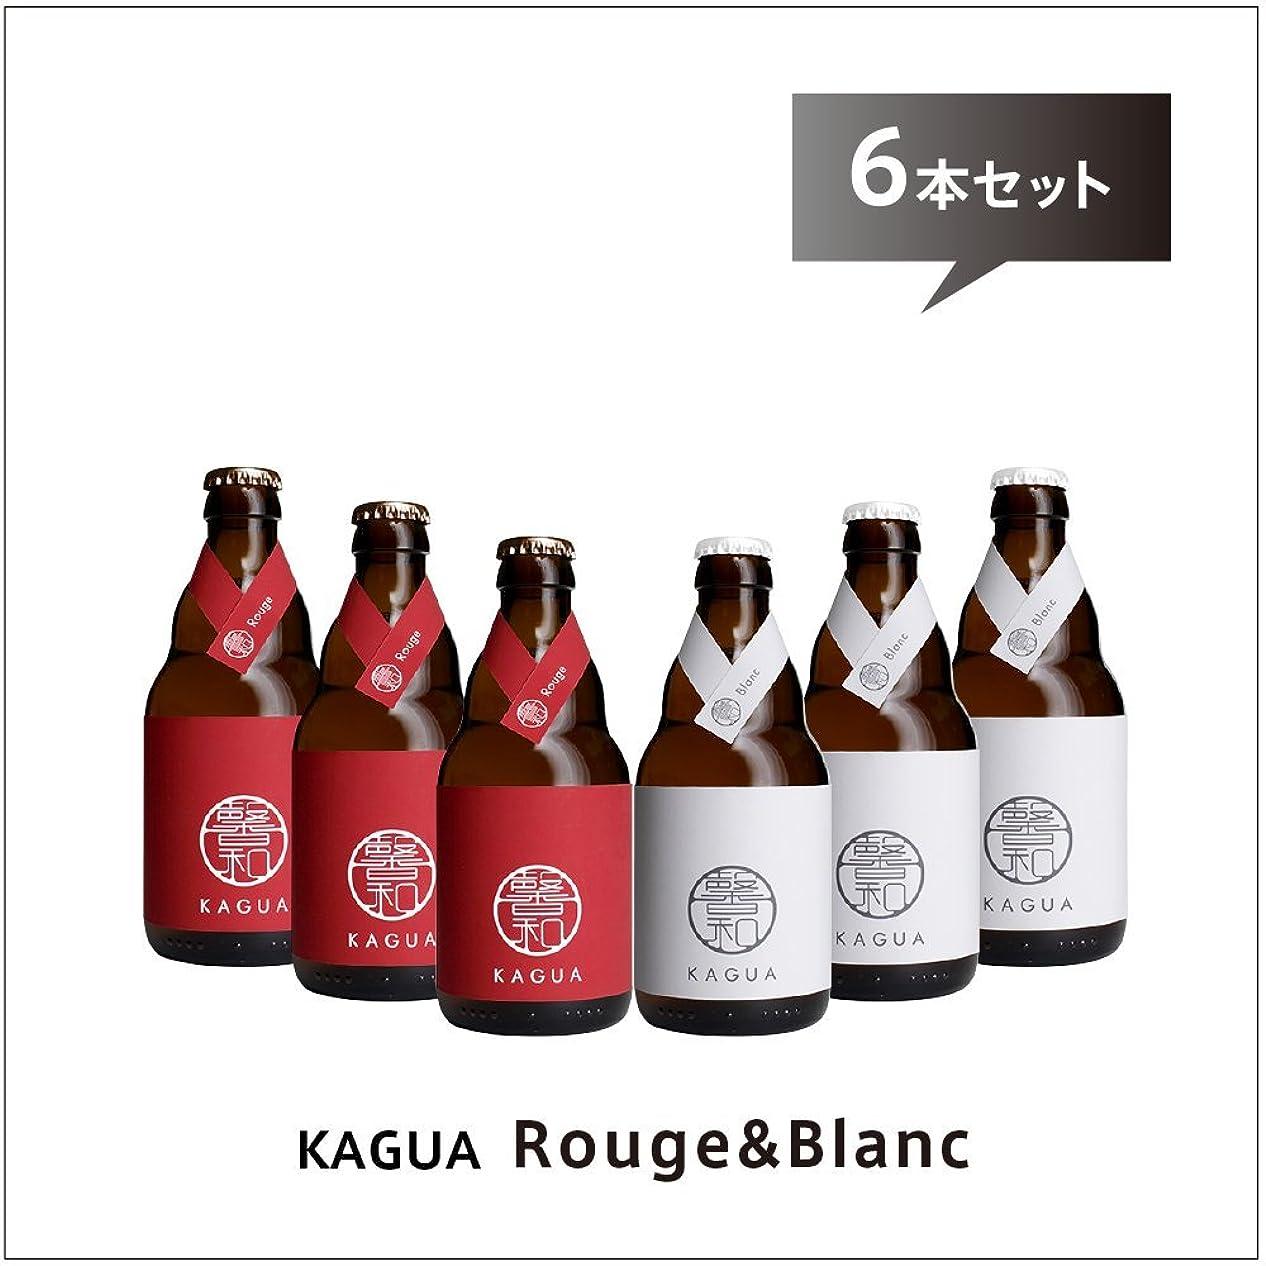 どこにもエロチックマザーランドクラフトビール 馨和 KAGUA Blanc&Rouge 6本セット 330ml × 6本